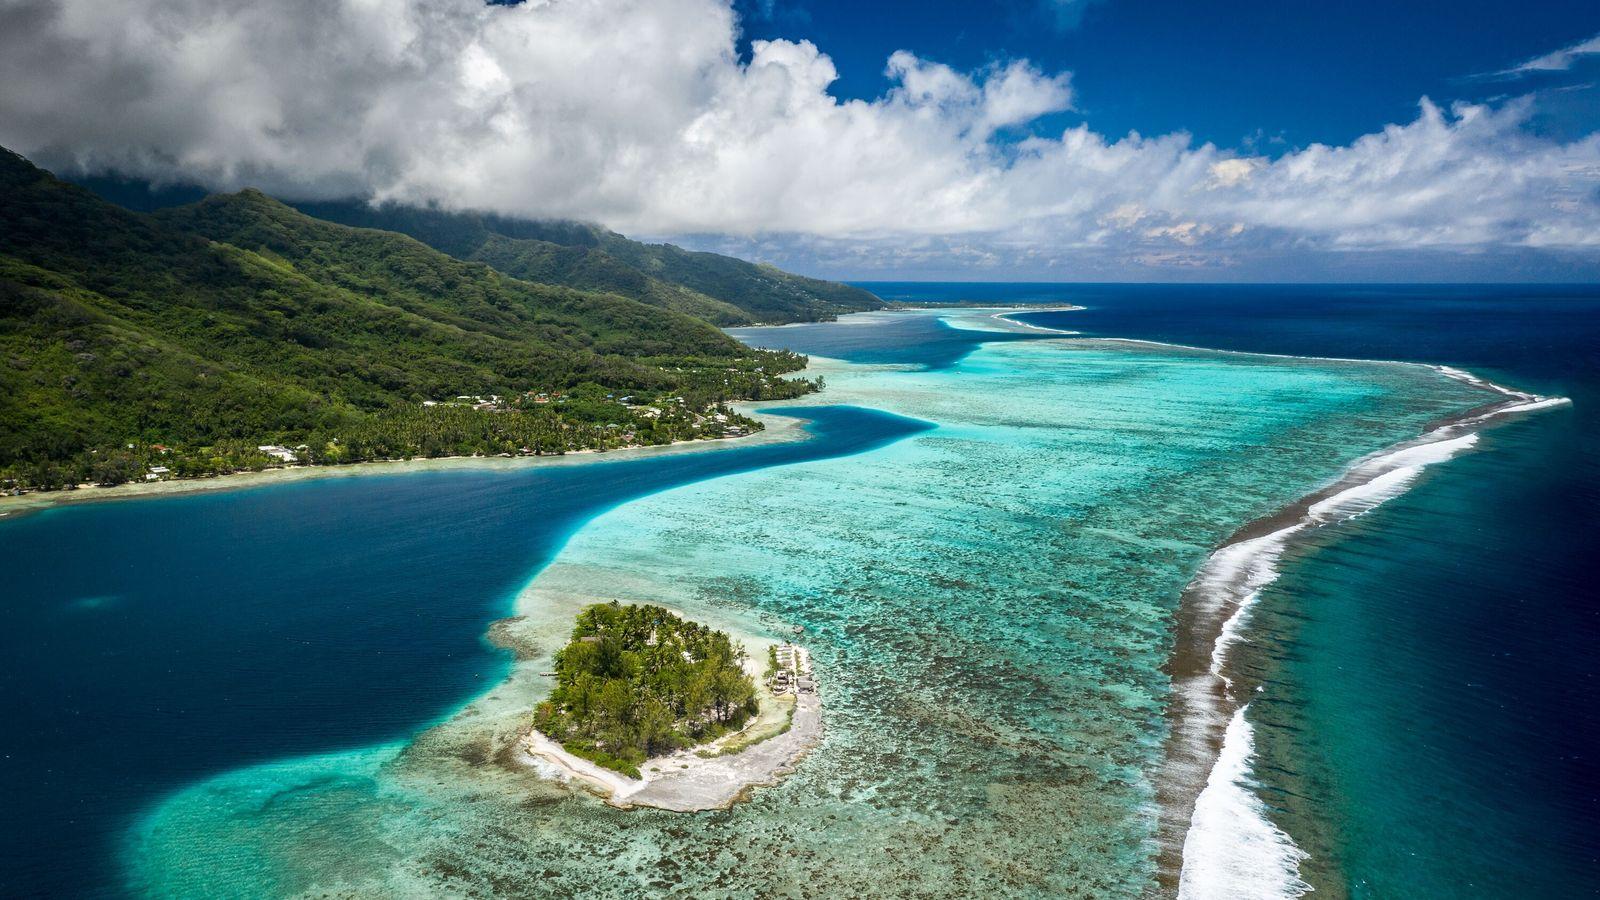 Sylvia Earle et des scientifiques marins œuvrent à la protection des écosystèmes marins